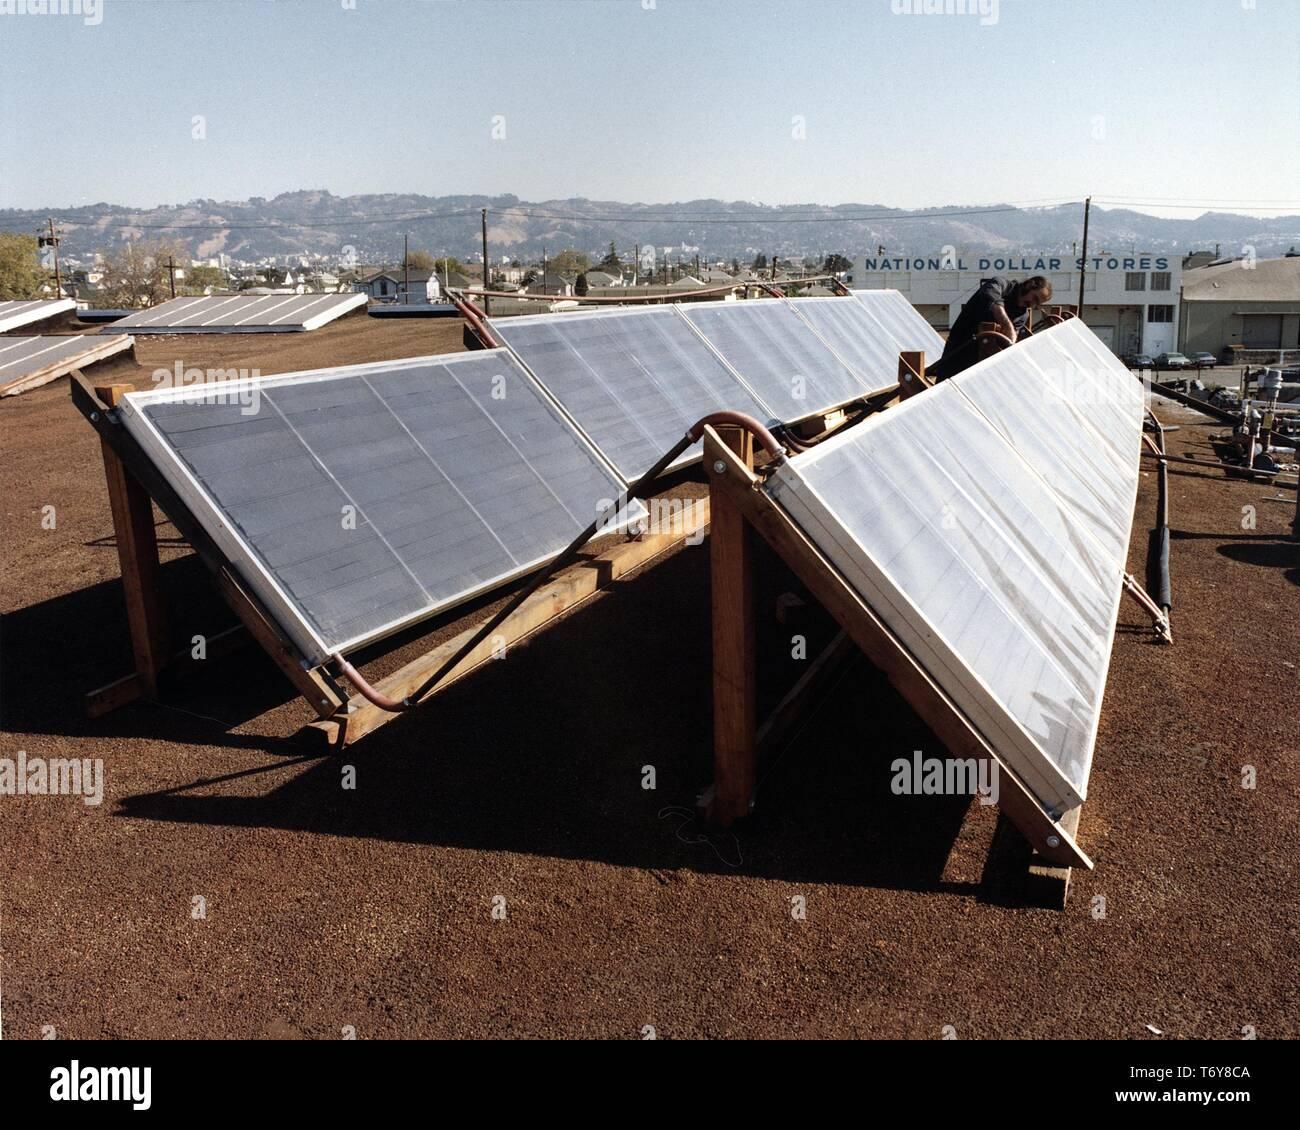 Un trabajador ajusta un panel solar montado sobre un techo durante un proyecto para hacer viable el lavado de botella reciclable en una escala mayor, de 1980. Imagen cortesía del Departamento de Energía de Estados Unidos. () Foto de stock